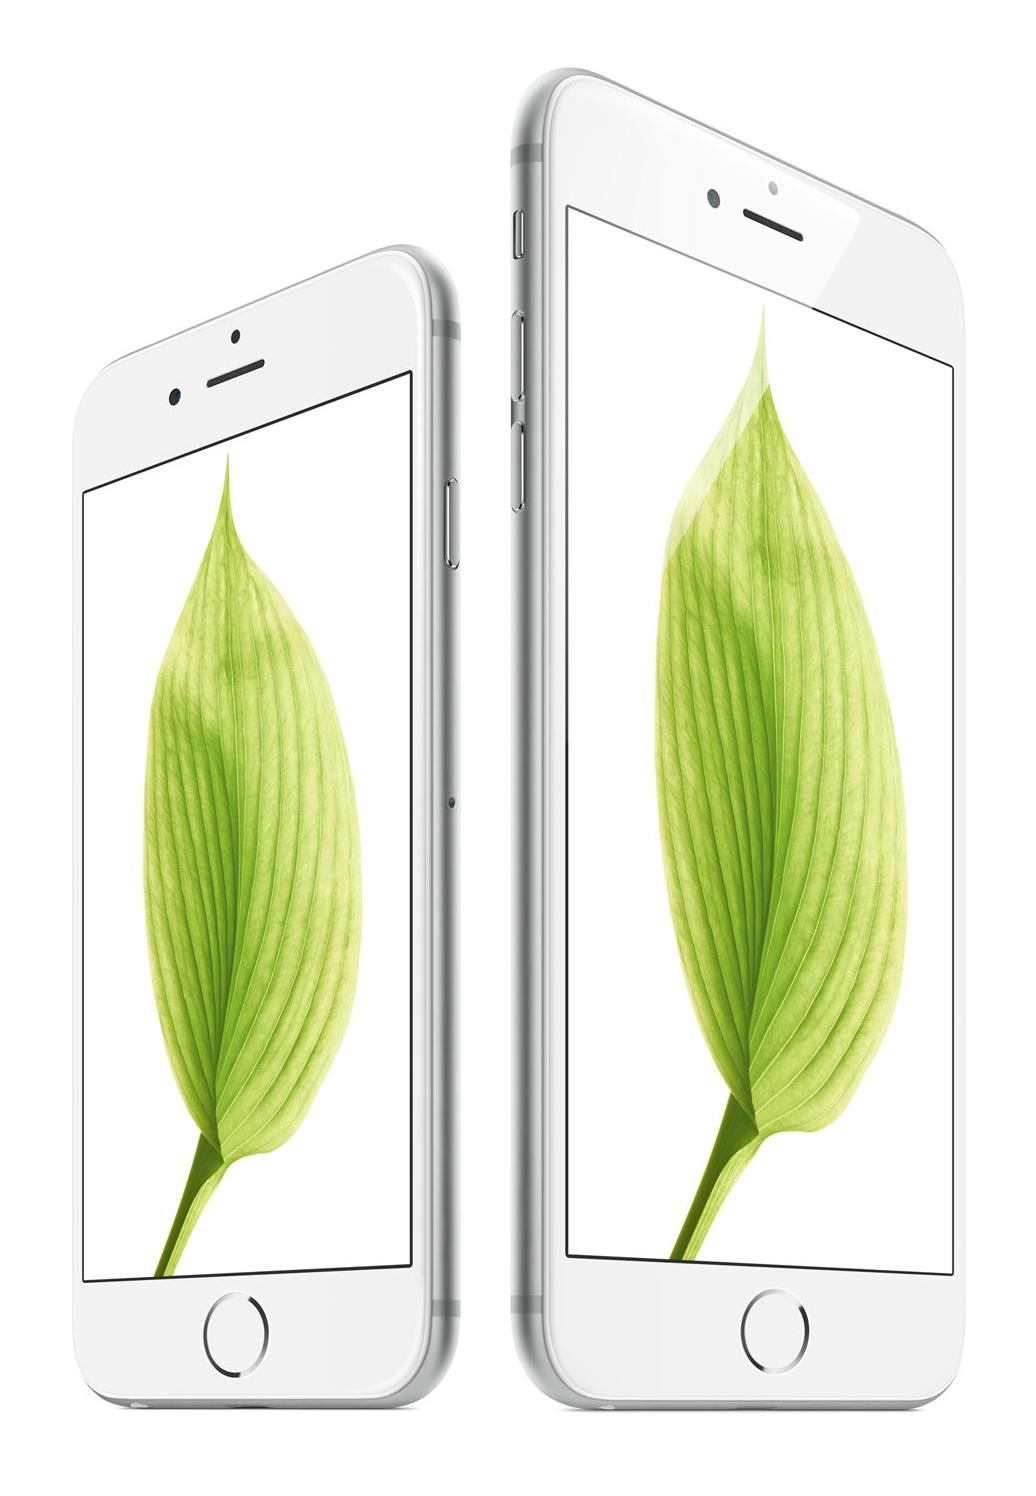 iPhone6sはA9プロセッサと2GBのメモリ搭載し、6月に大量生産が開始か?